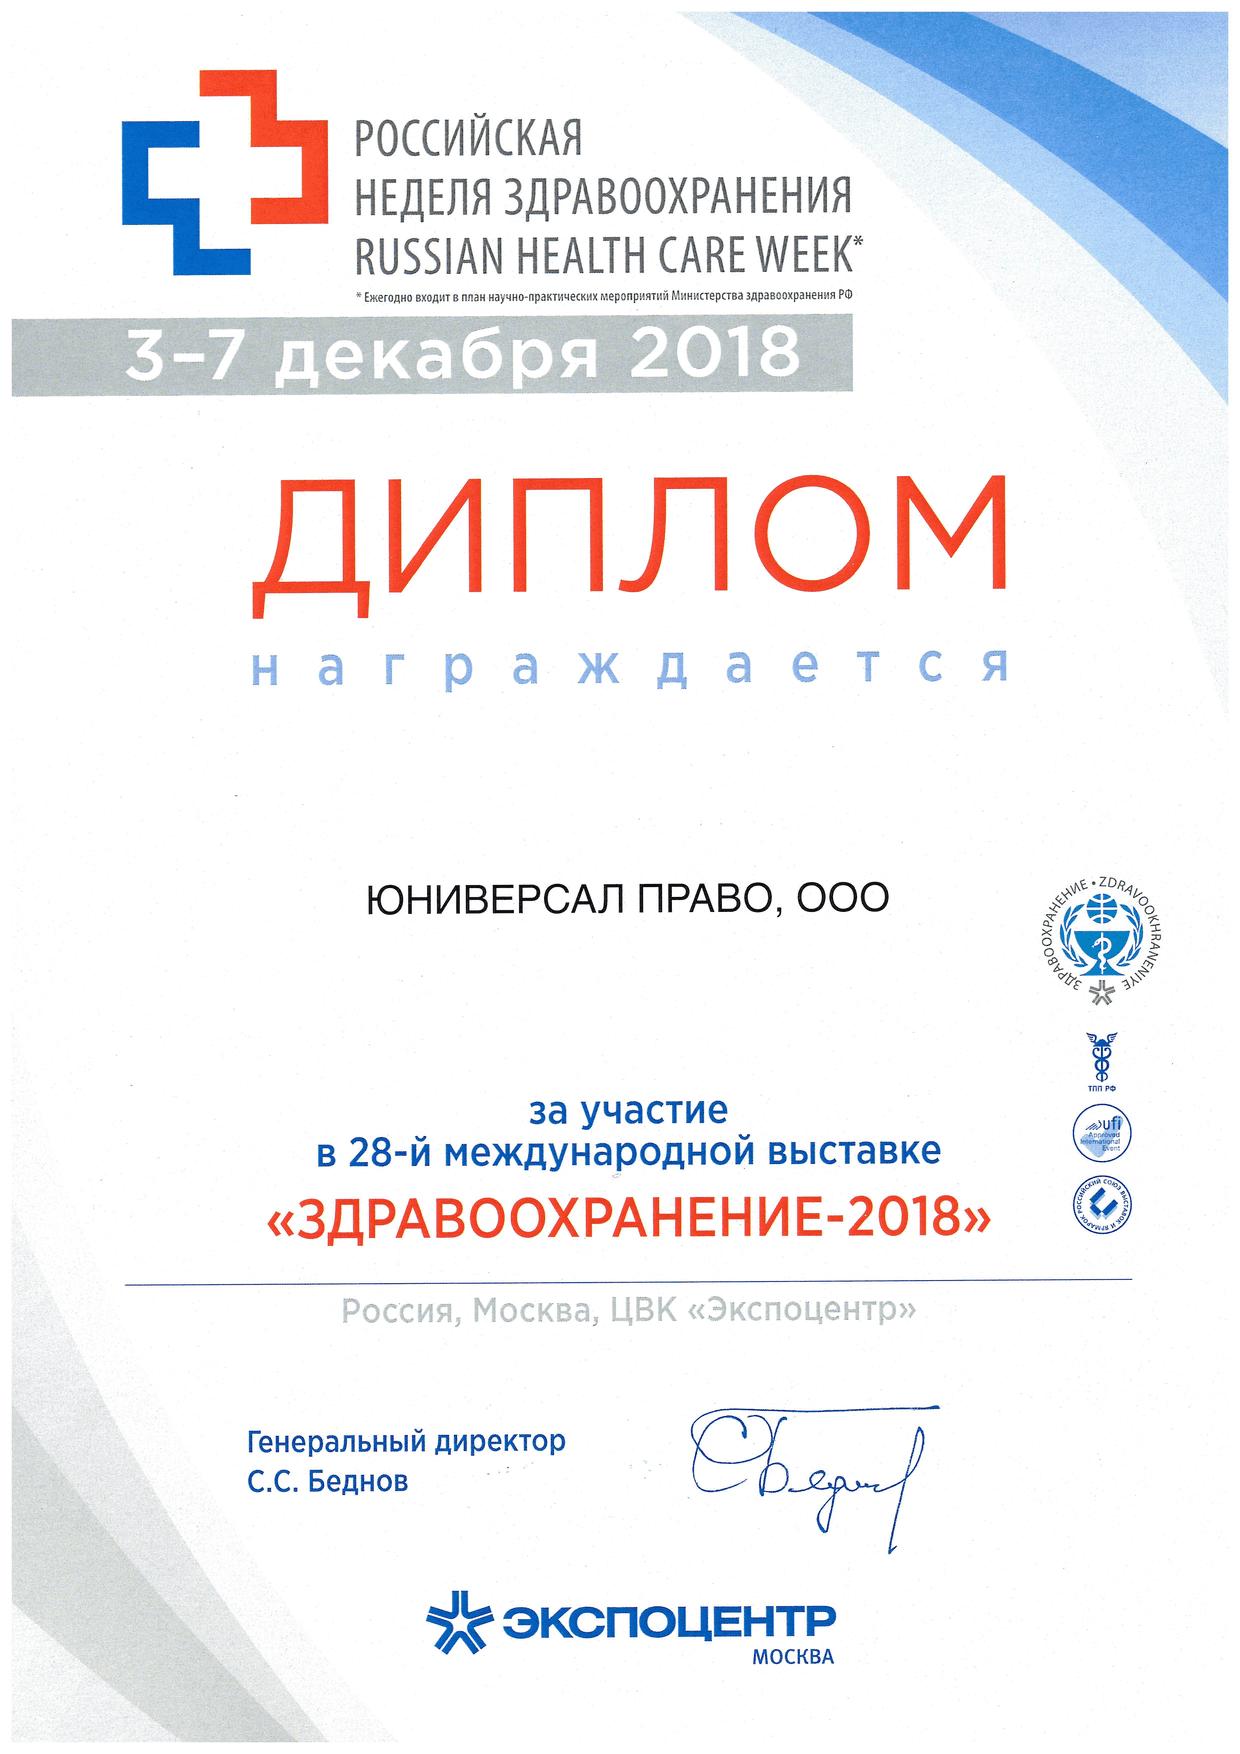 ООО «Юниверсал Право» на выставке «Здравоохранение-2018» помощь в оформлении регистрационных удостоверений